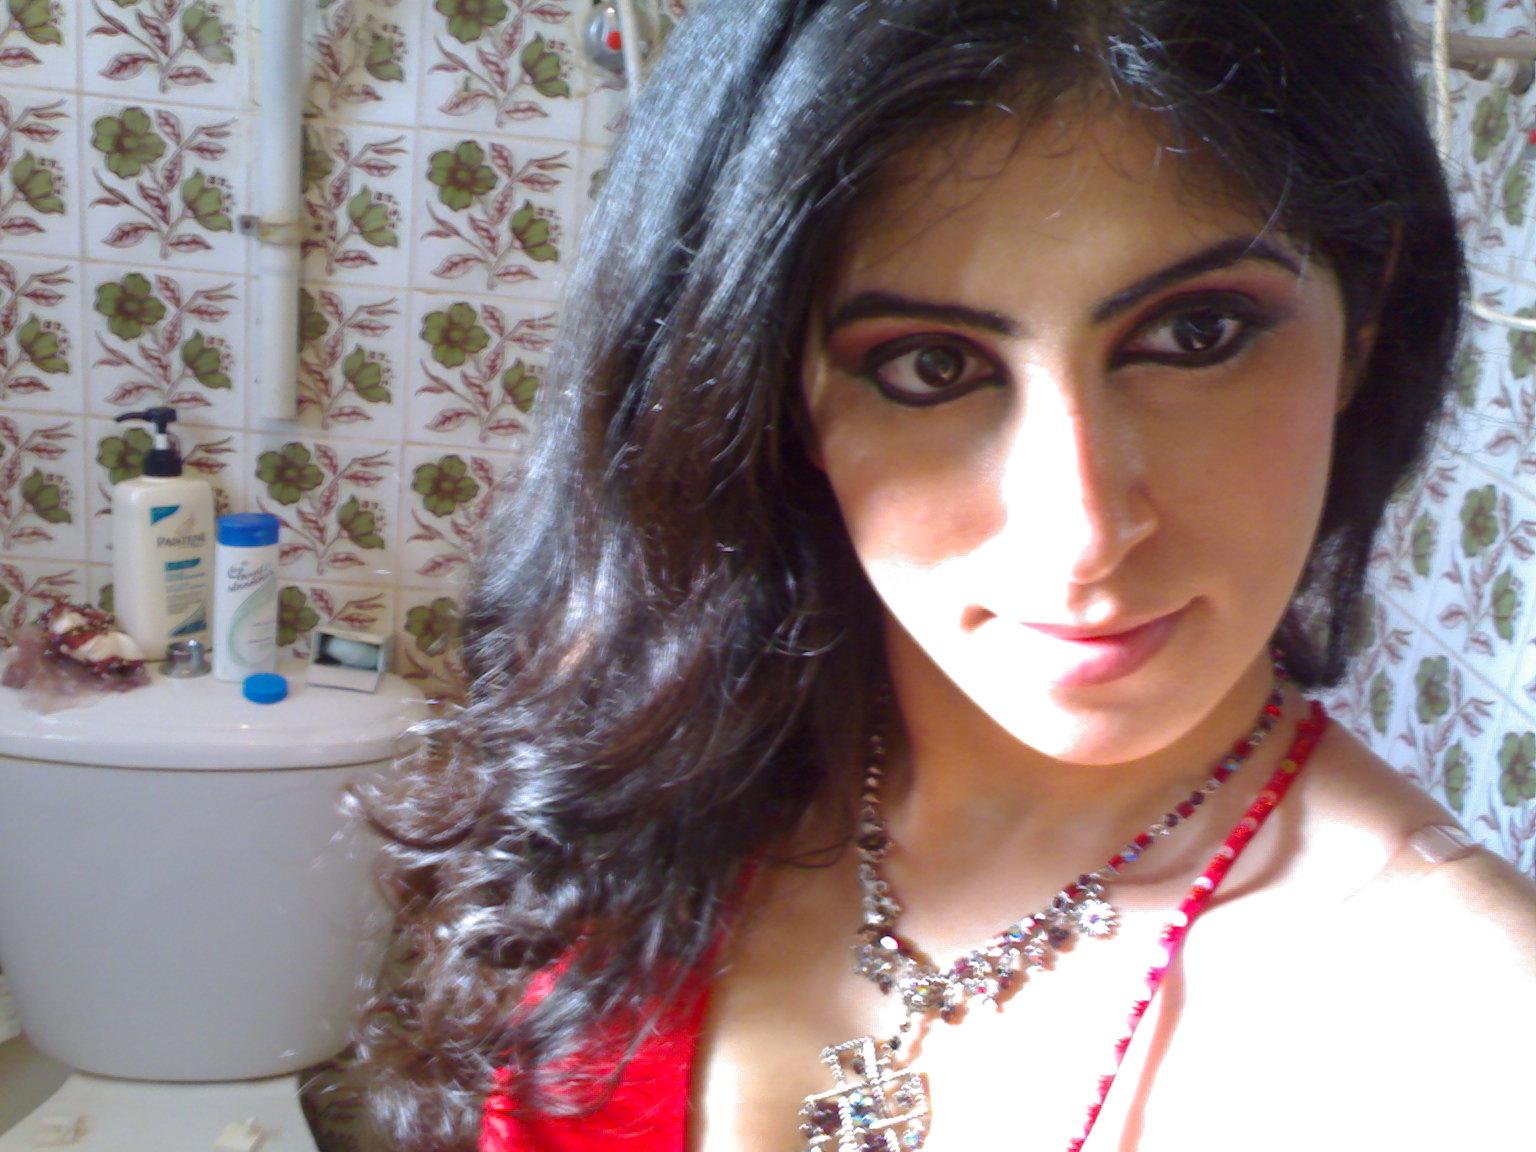 Preggo ebony from ebony beauty pussy photos